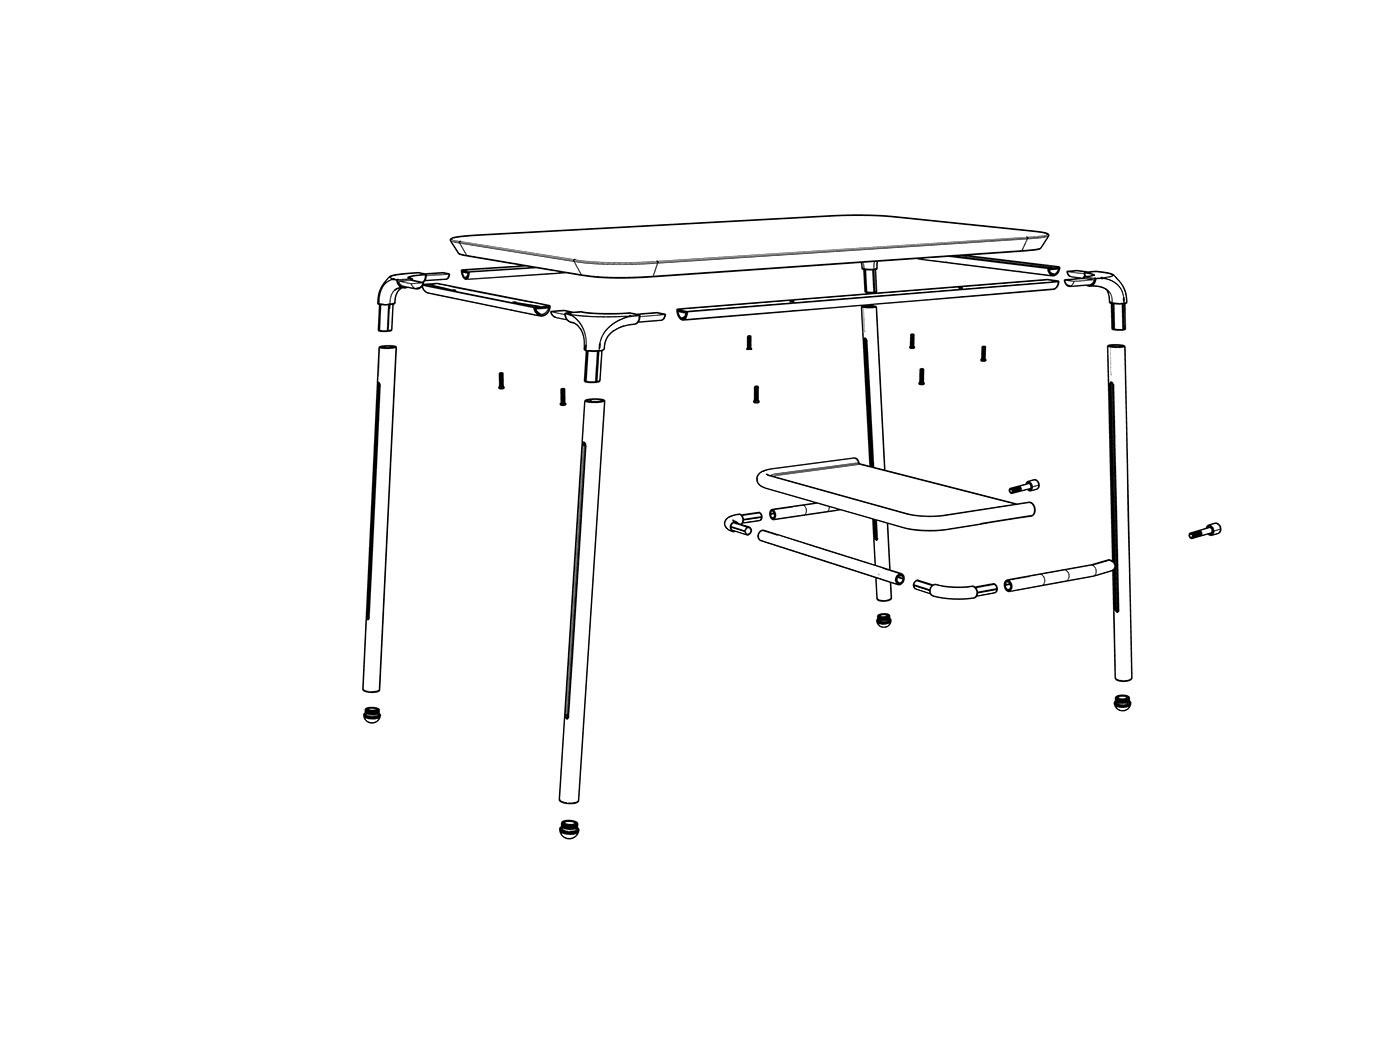 furniture design  industrial design  product design